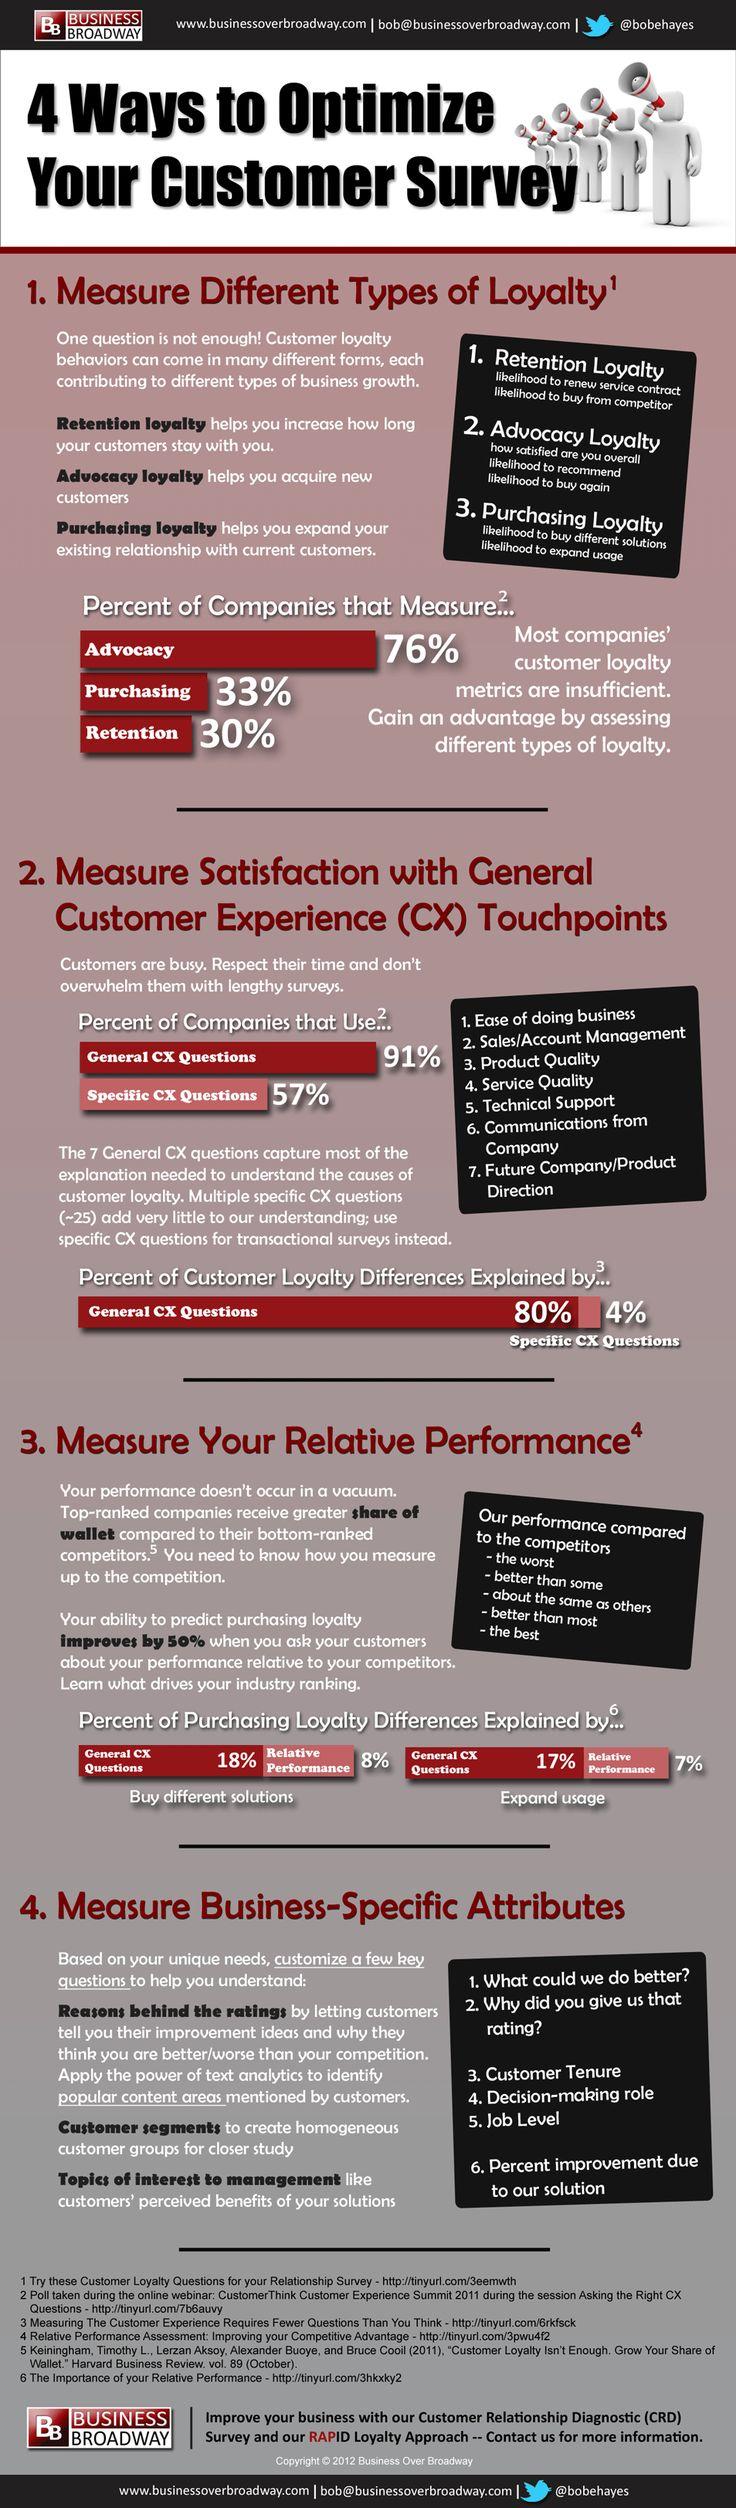 Mide los diferentes tipos de lealtad del Cliente, mise tu desempeño y atributos de tu prducto/servicio eso y mas en estos 4 puntos.